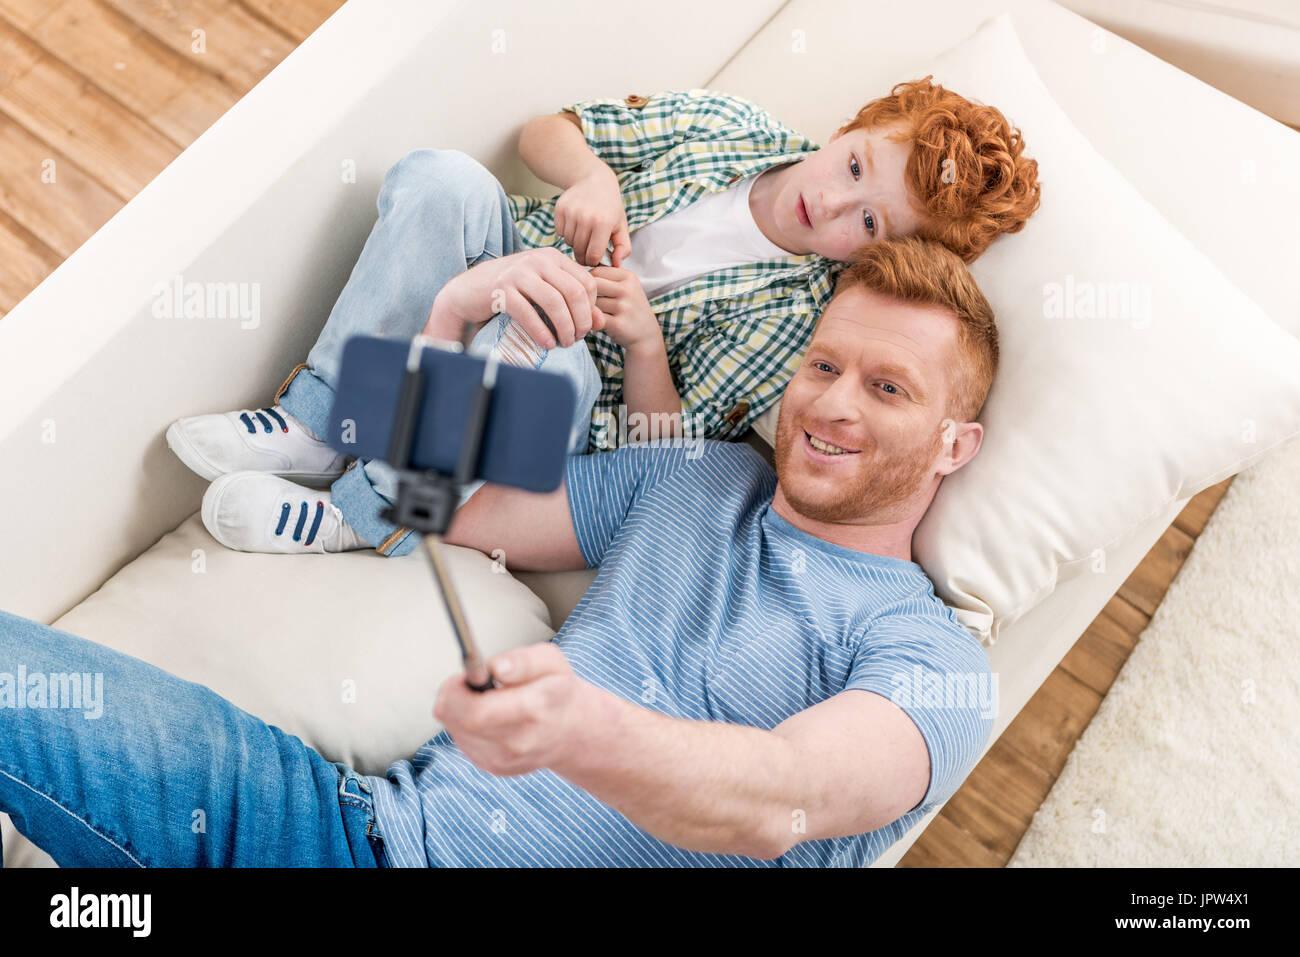 Smiling père et fils allongé sur un canapé et en tenant avec selfies smartphone, Family fun au home concept Photo Stock